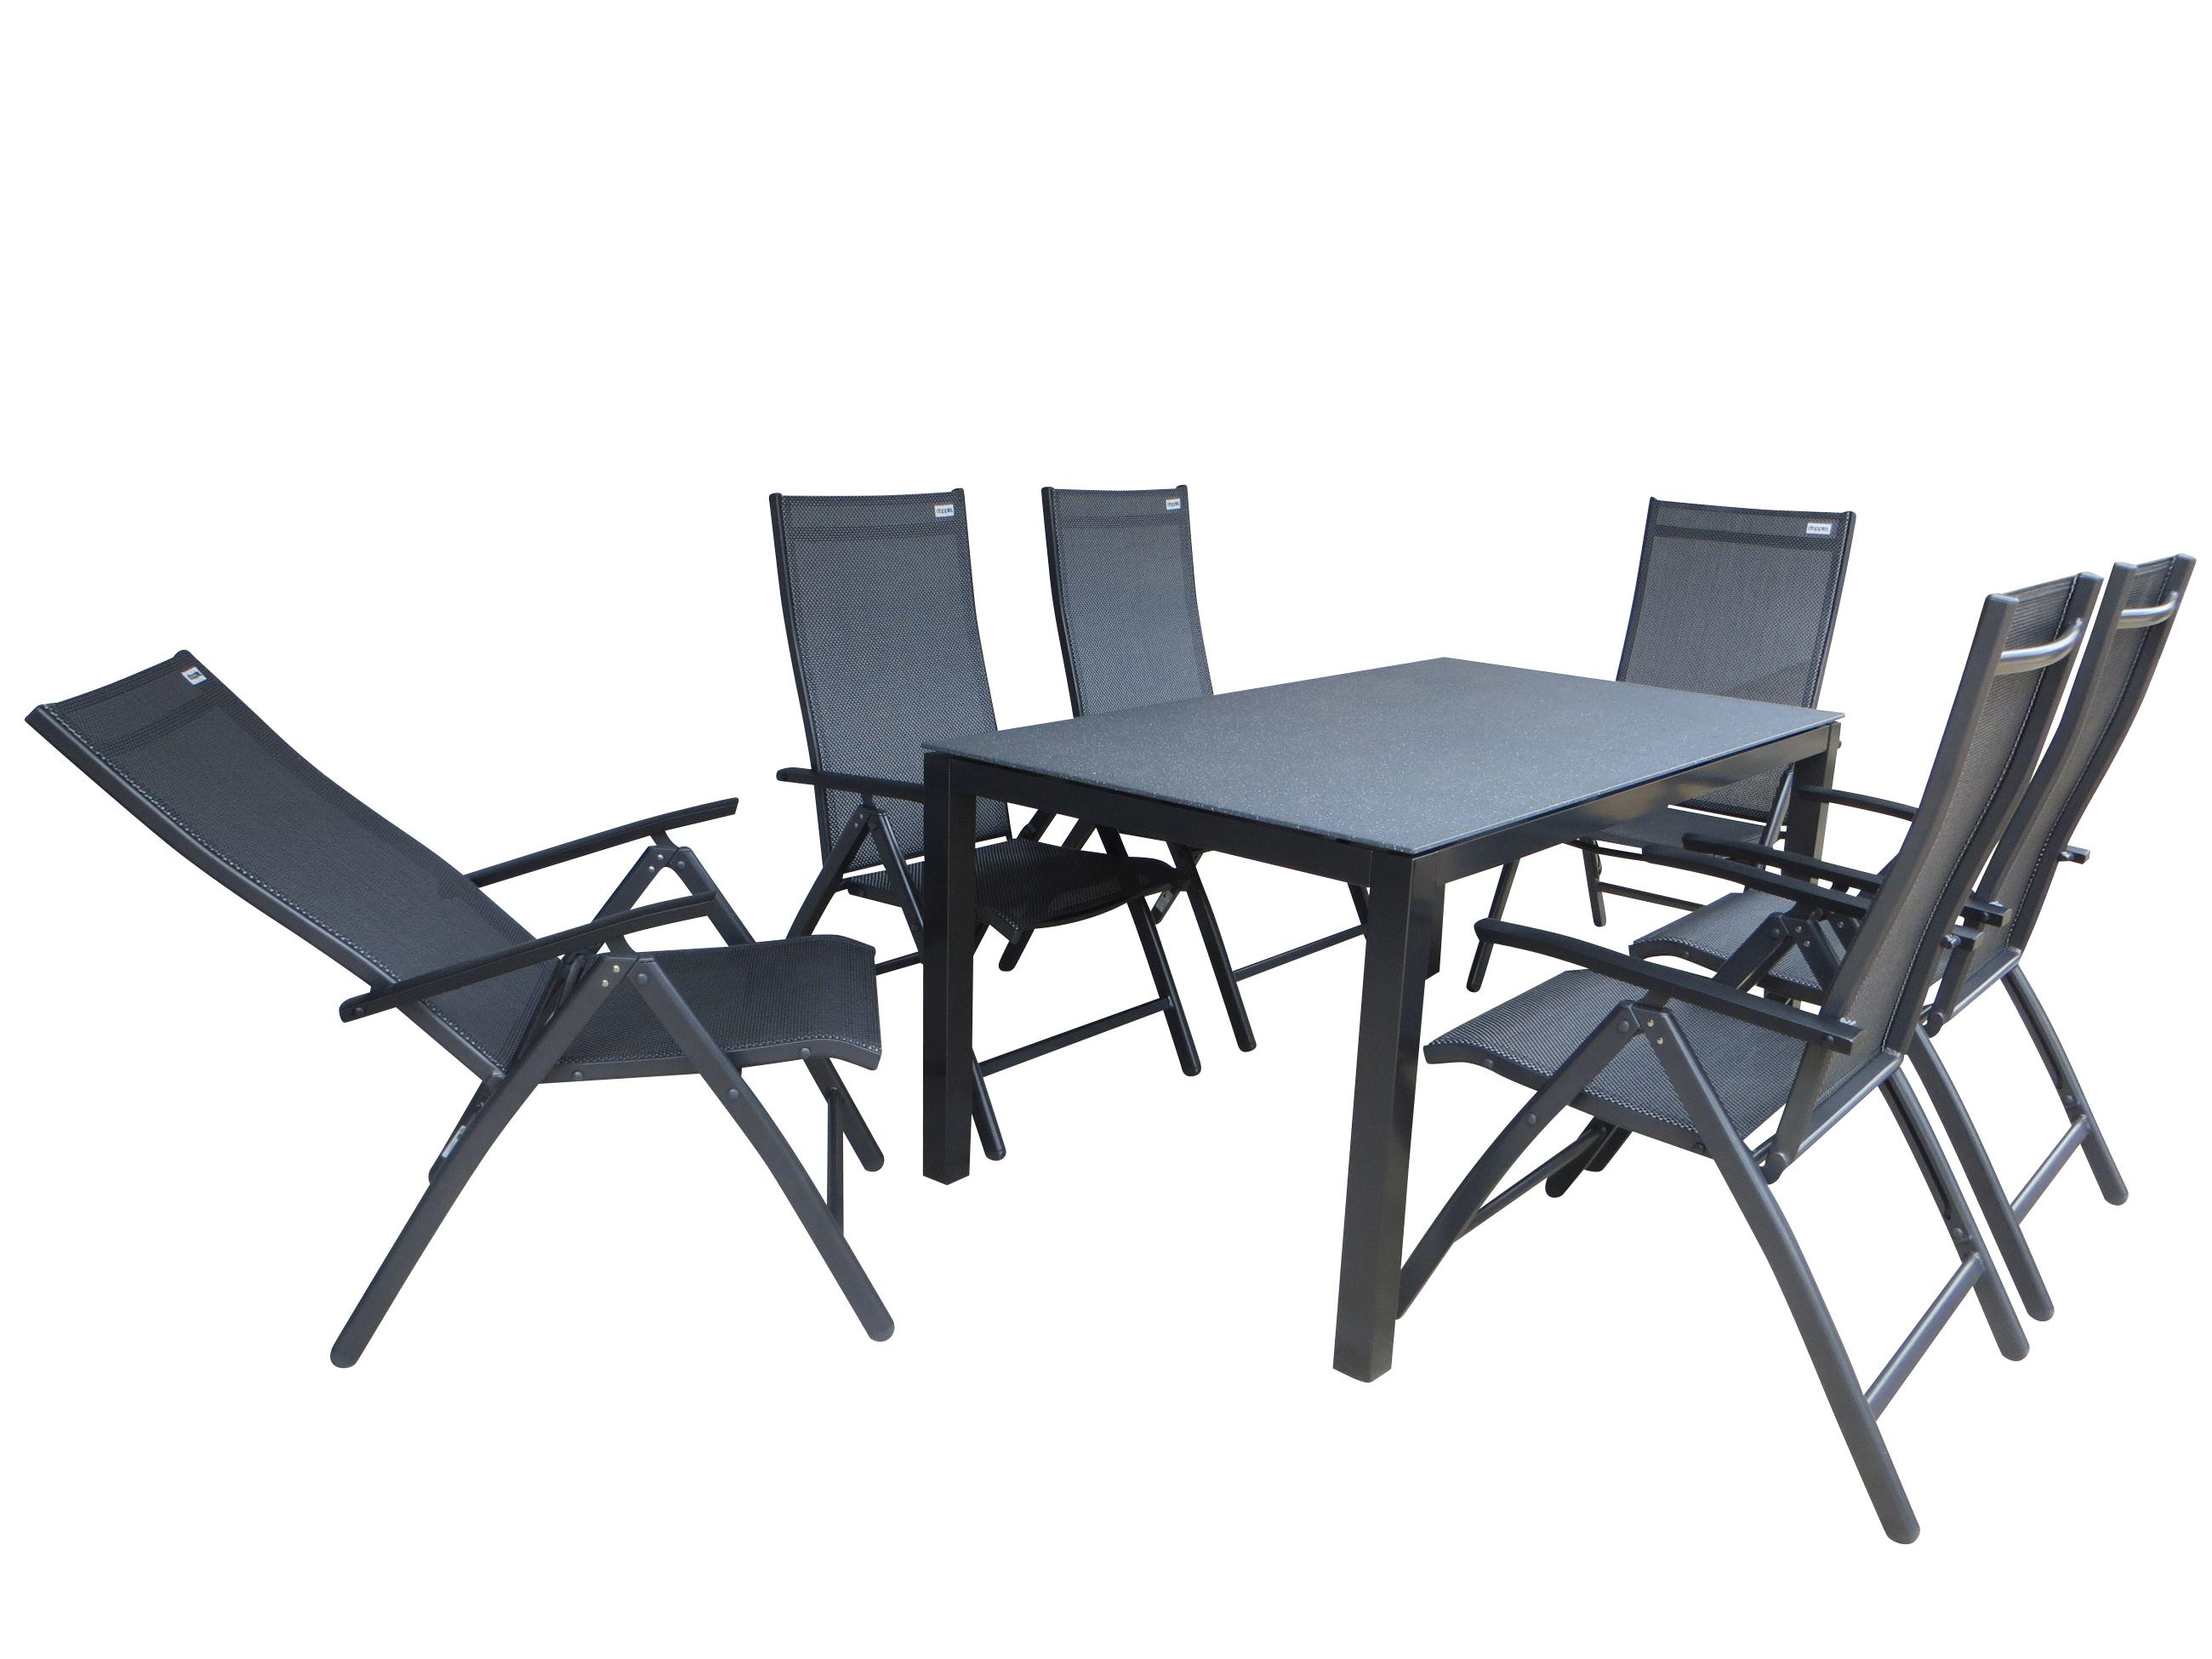 tacna alu gartenm bel set sitzgarnitur 7 teilig anthrazit grau gartenm bel gruppen. Black Bedroom Furniture Sets. Home Design Ideas